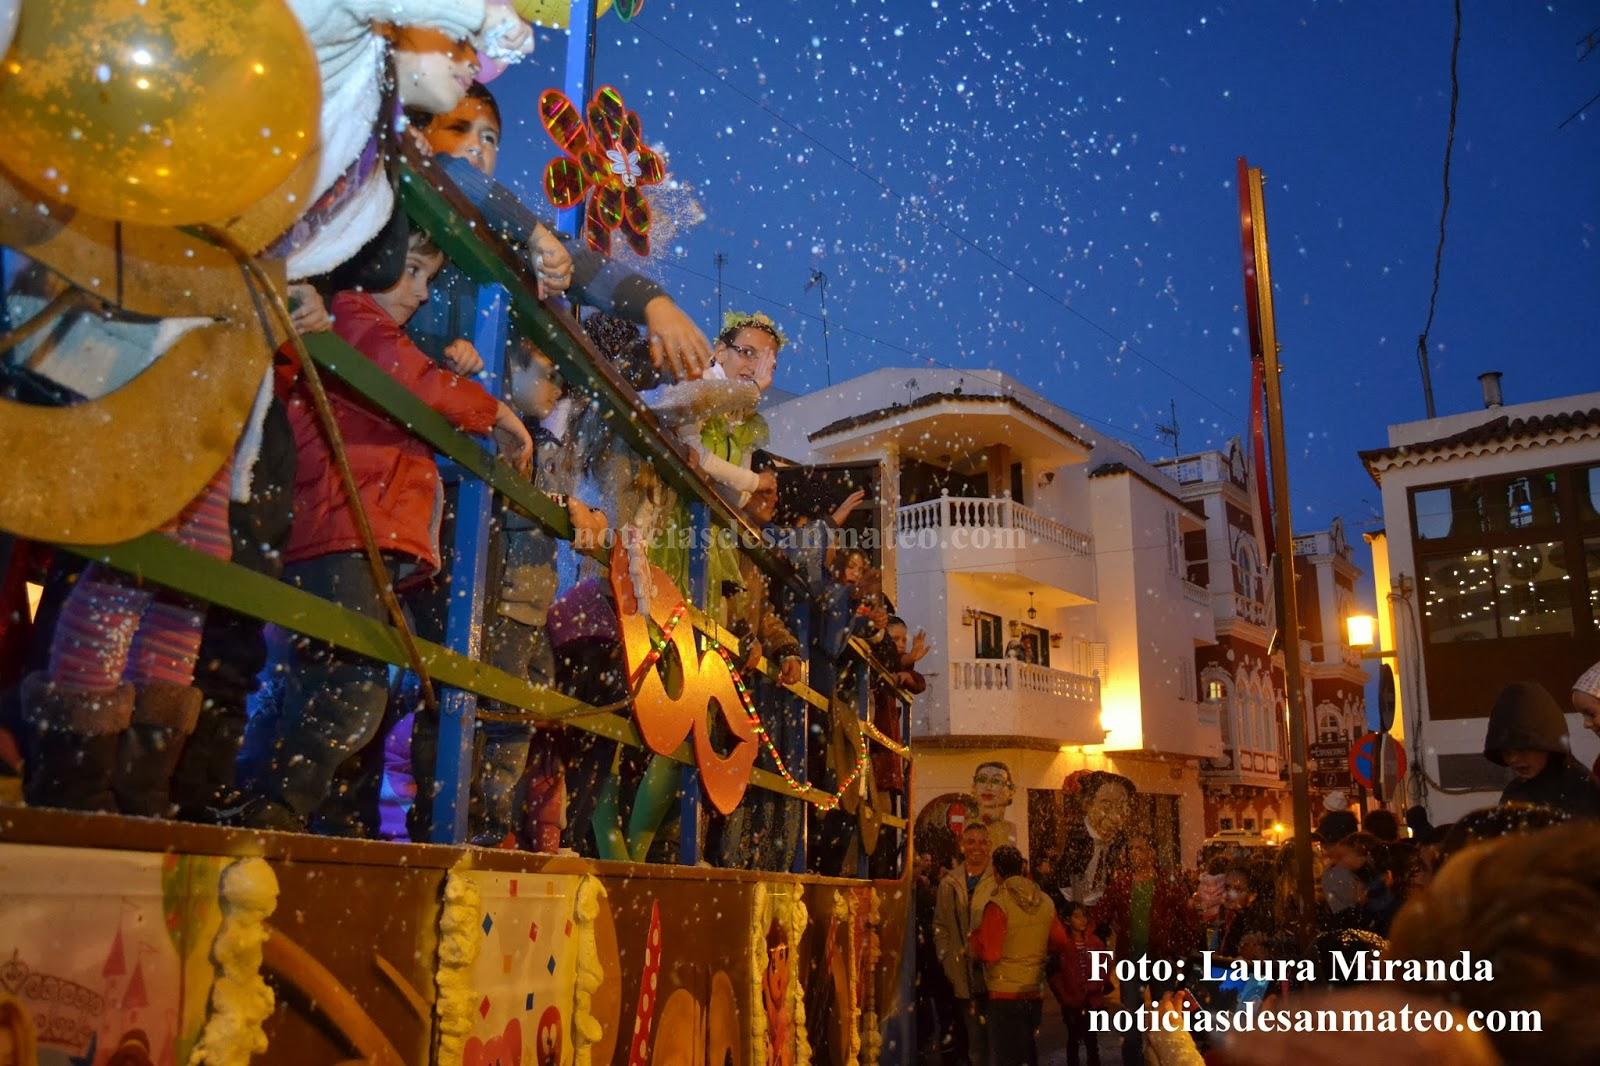 Cabalgata de Reyes en San Mateo 5 de enero de 2014 Foto Laura Miranda Noticias de San Mateo 1